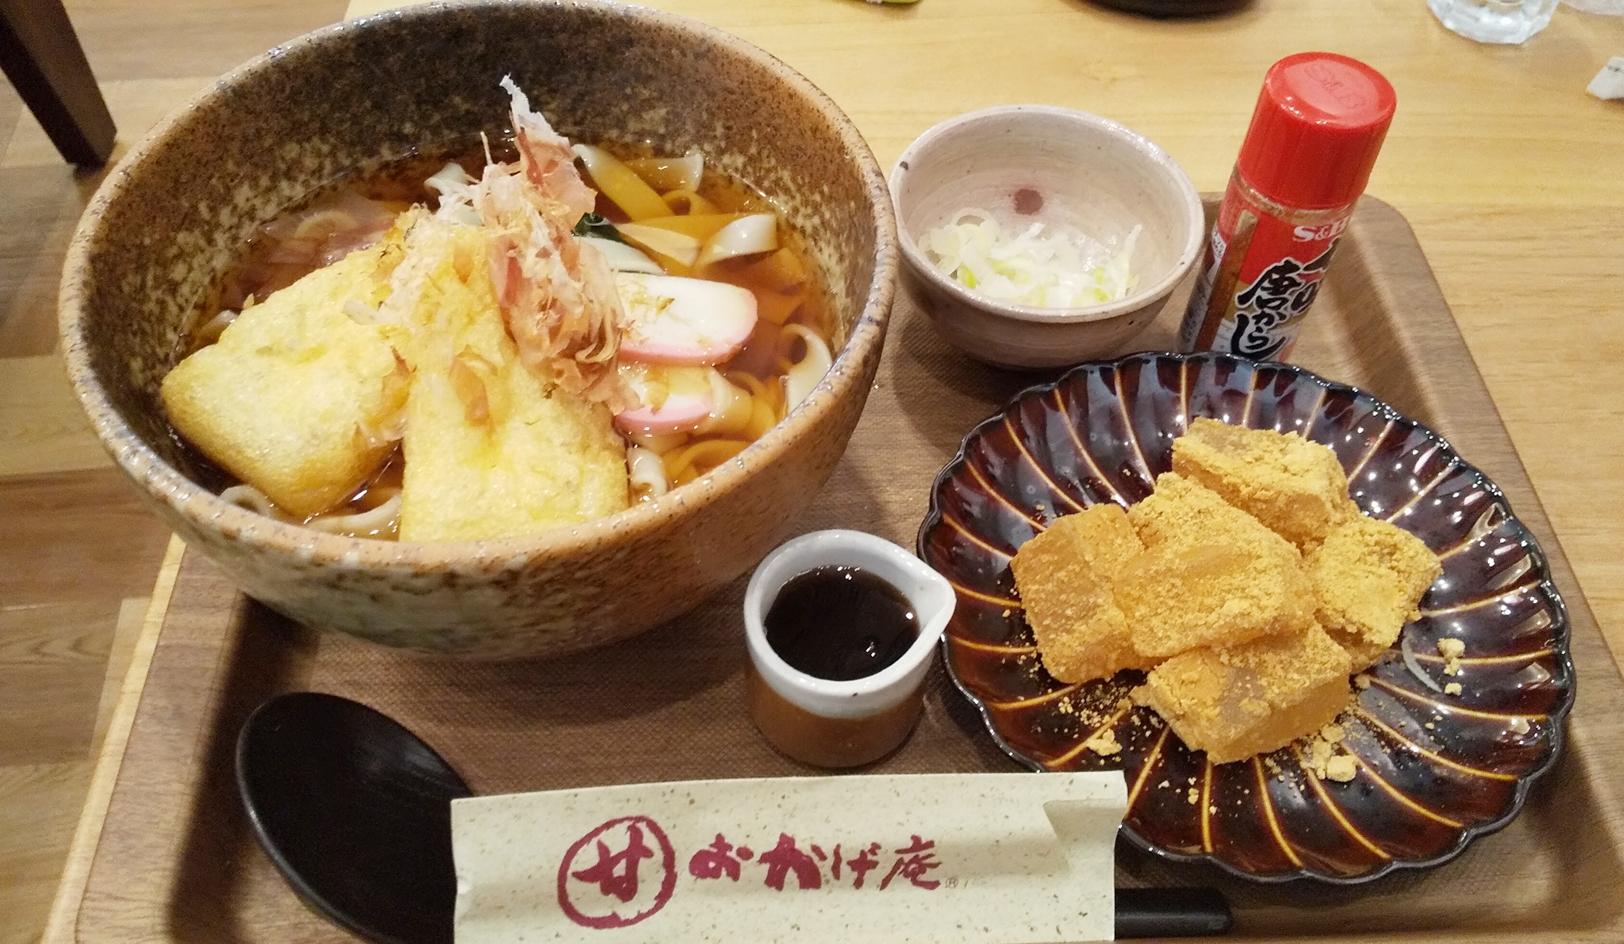 【コメダ珈琲で、団子!?うどん!?】甘味喫茶 おかげ庵に行ってきました!_1